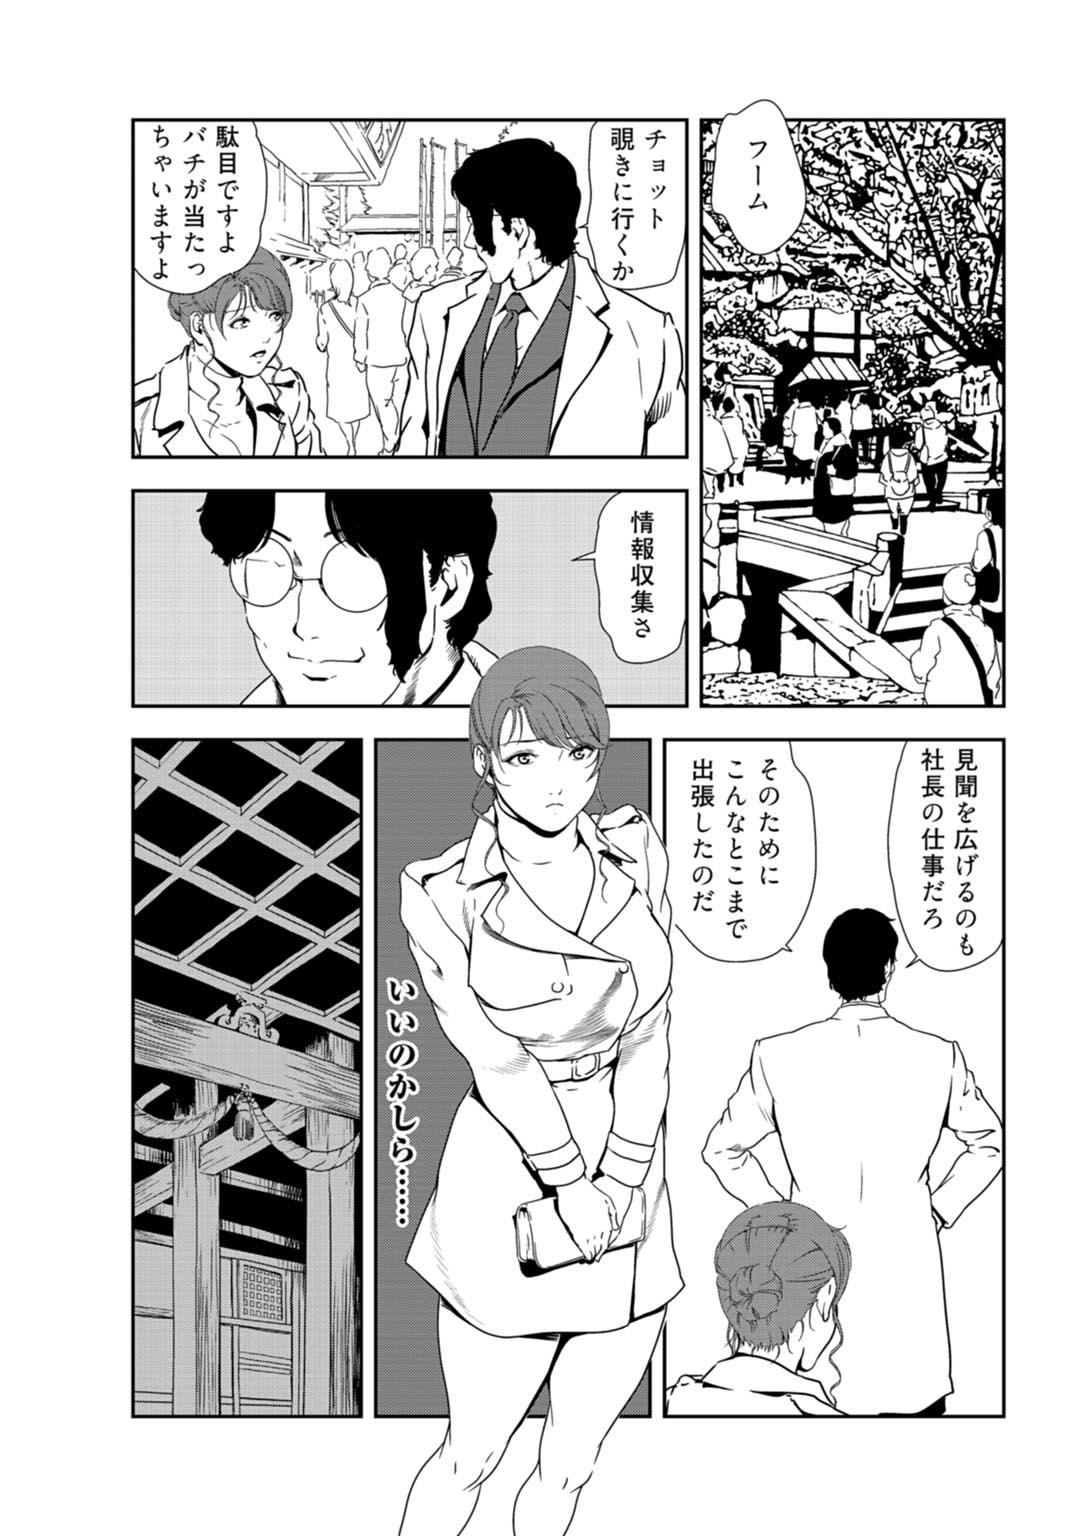 Nikuhisyo Yukiko 33 7